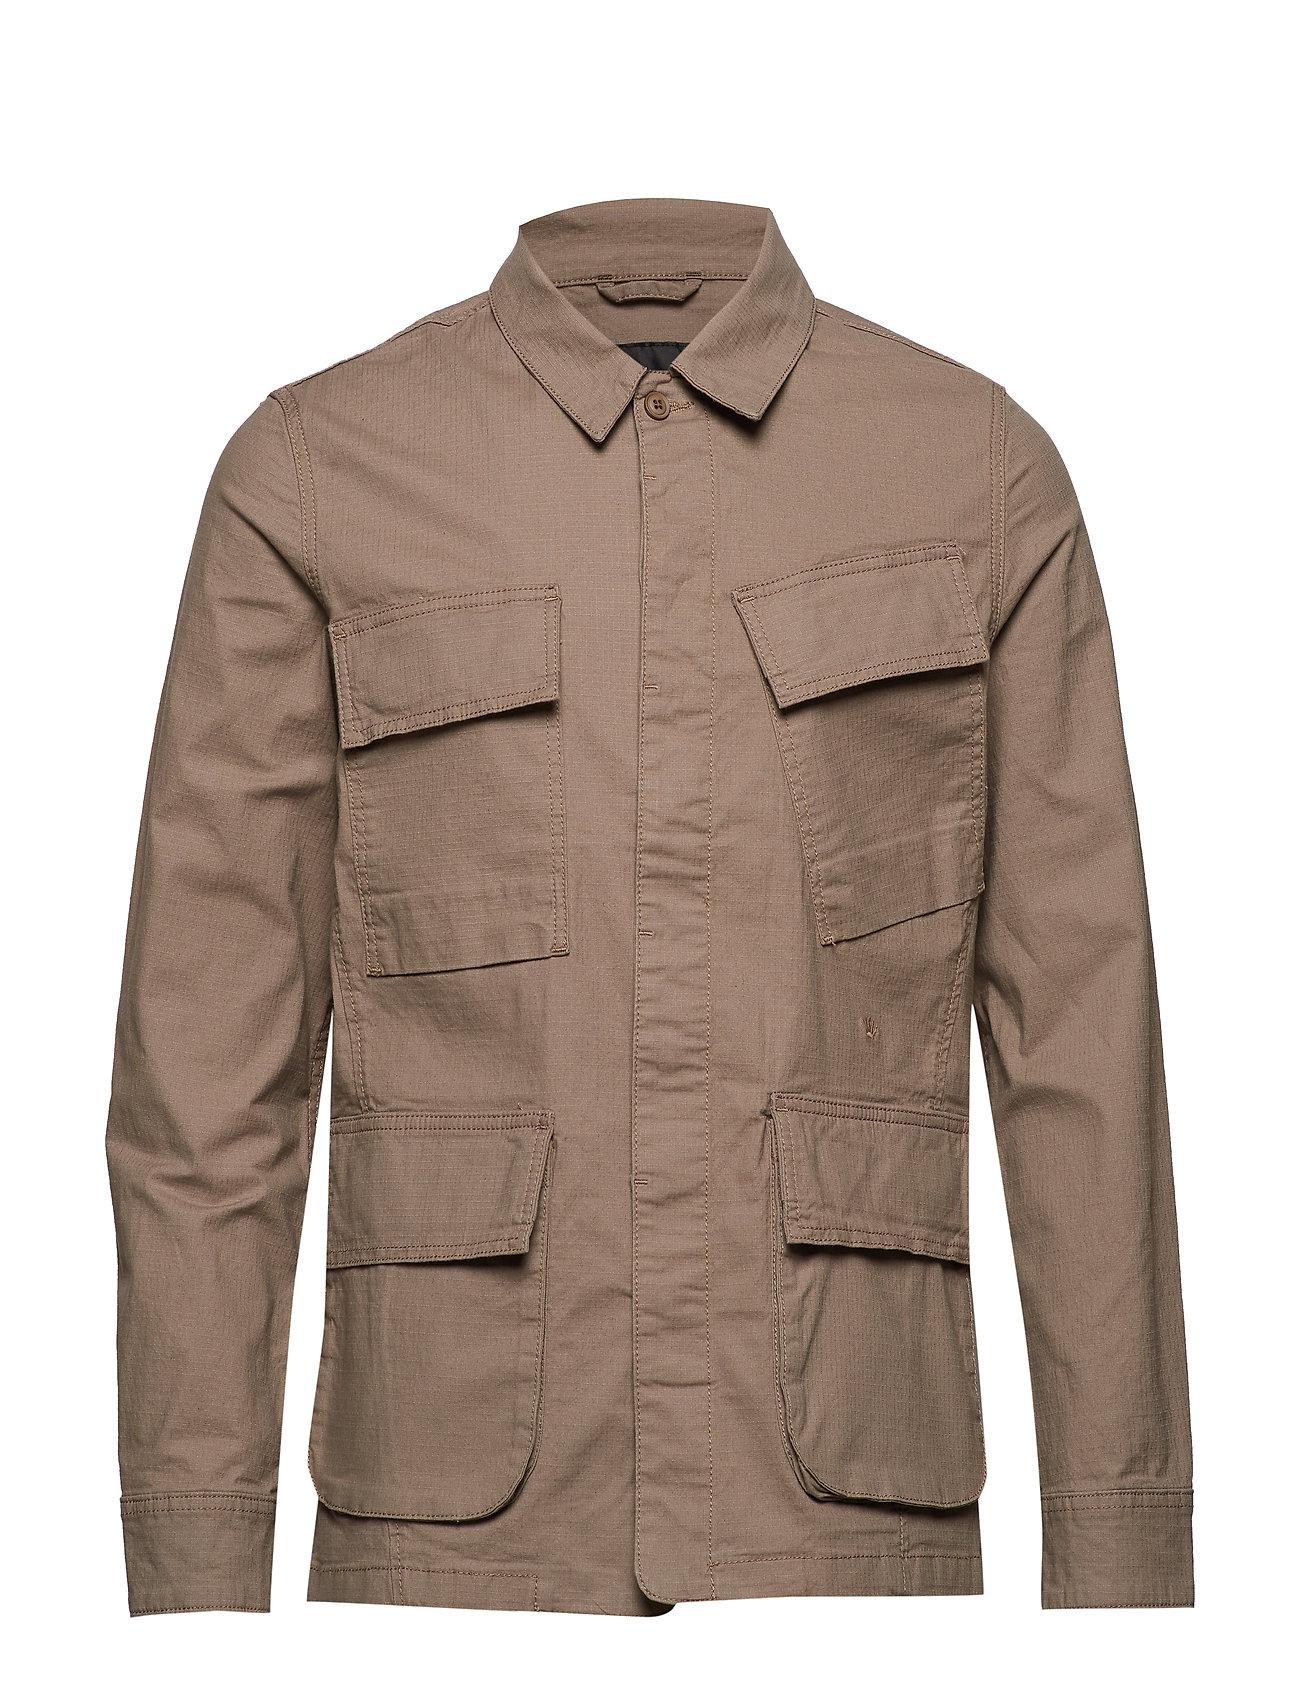 JUNK de LUXE Ripstop motorcycle jacket - DARK SAND